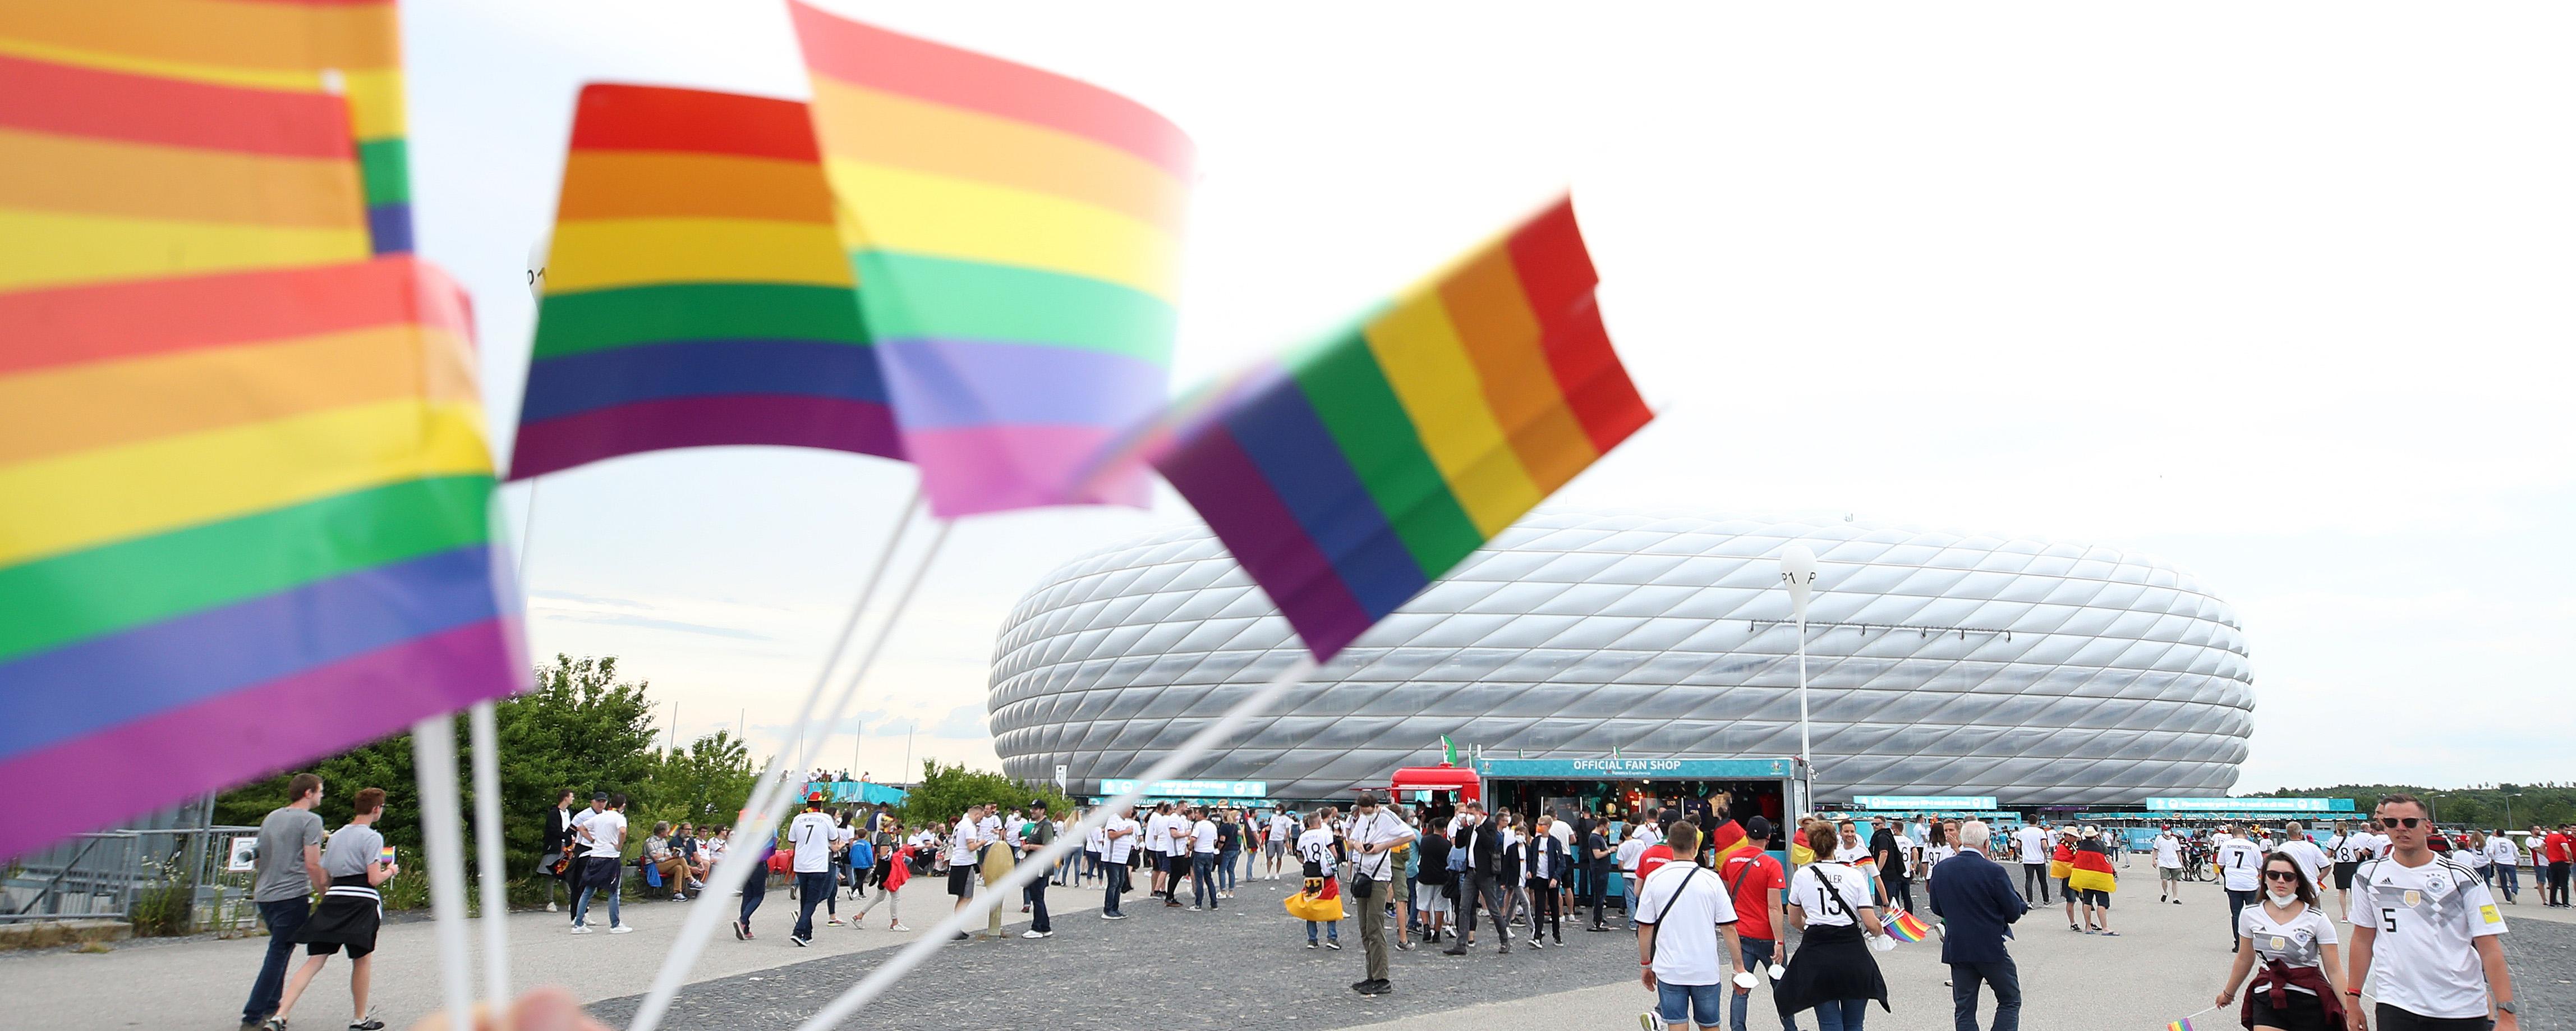 Ni homófobo ni lo contrario: la UEFA